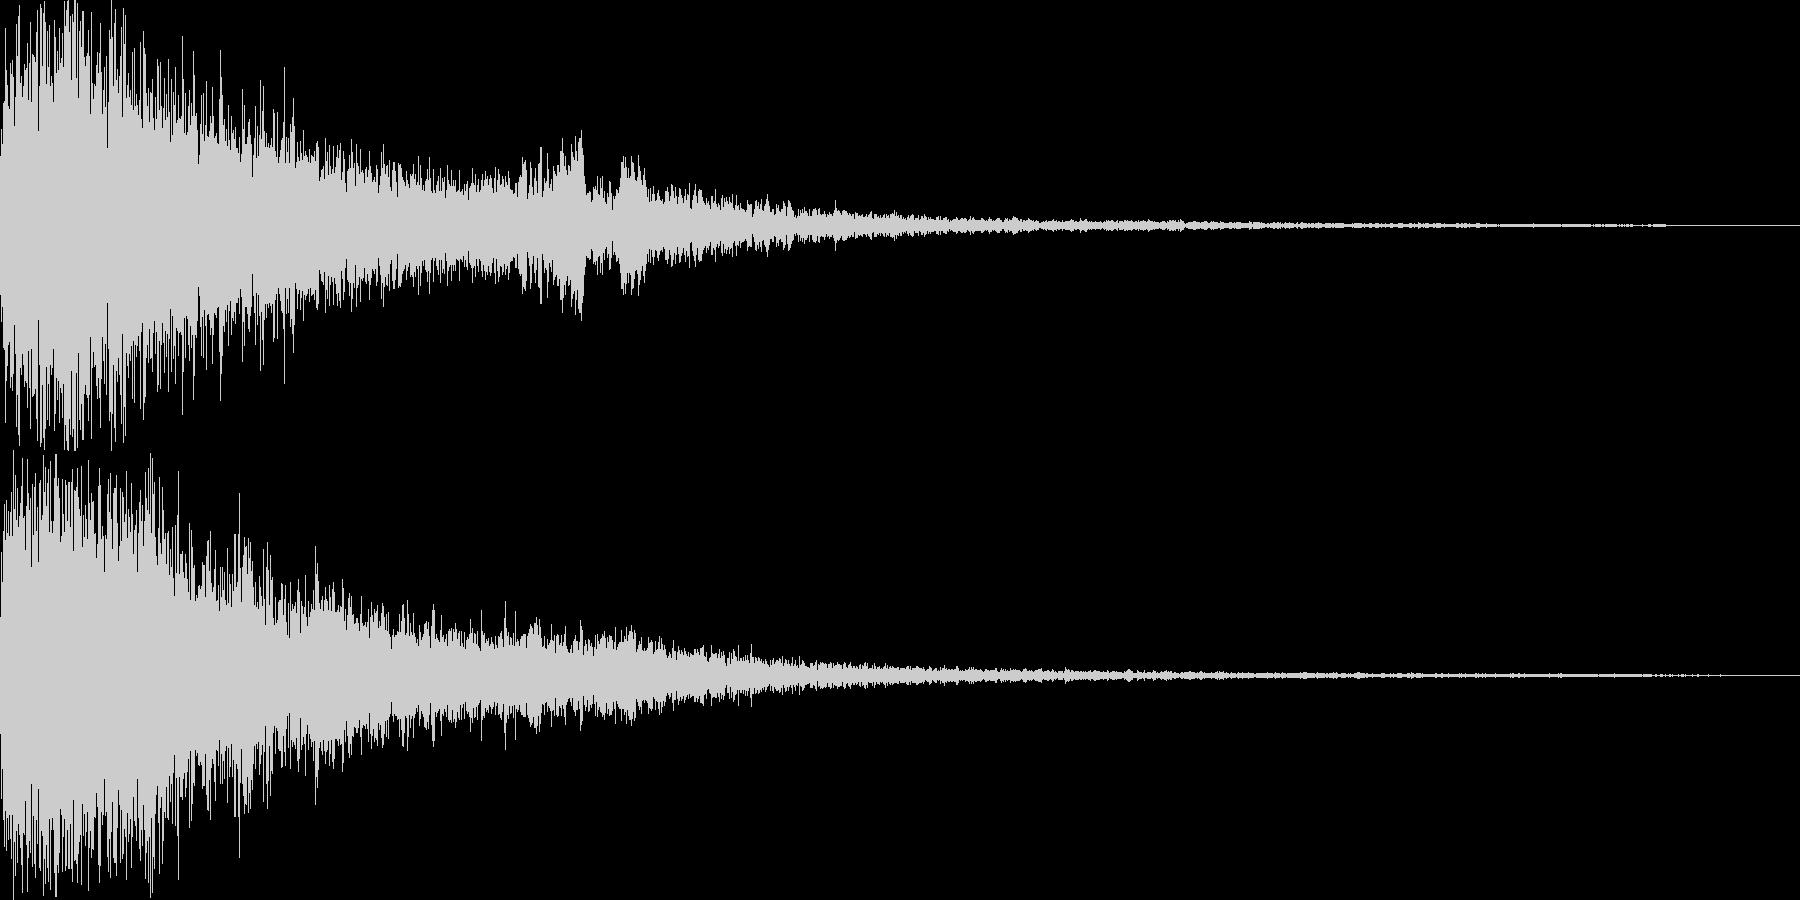 格闘ゲームのKO(フィニッシュ音)の未再生の波形